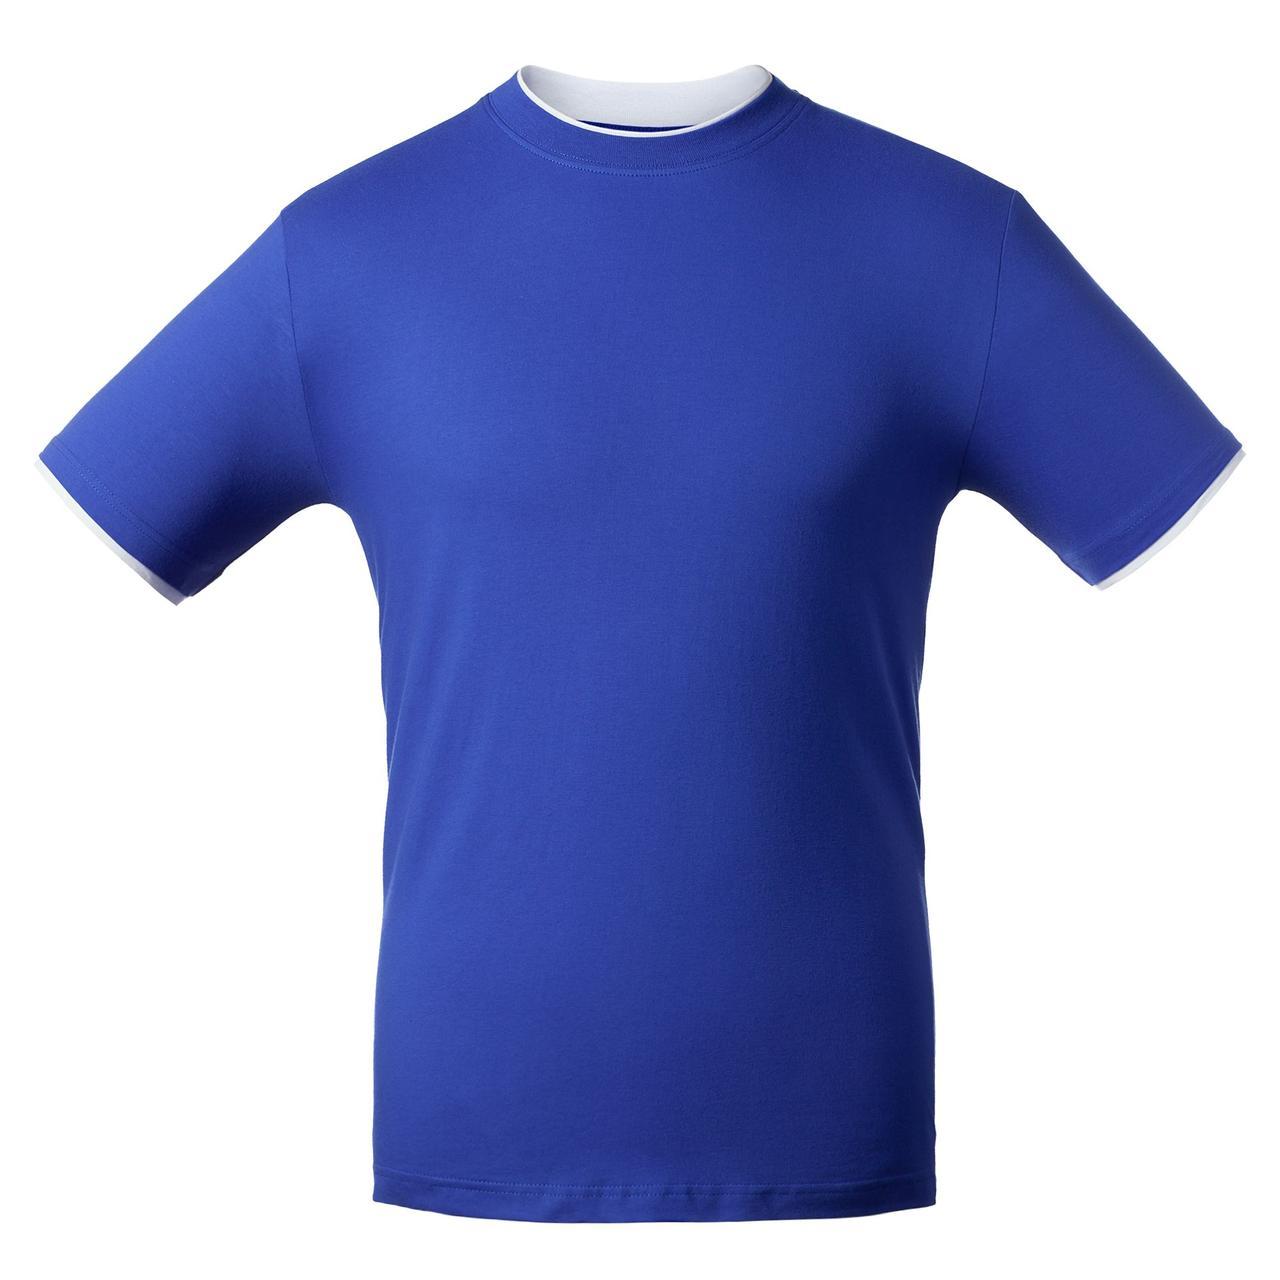 Футболка T-bolka Accent, ярко-синяя (артикул 1339.44)